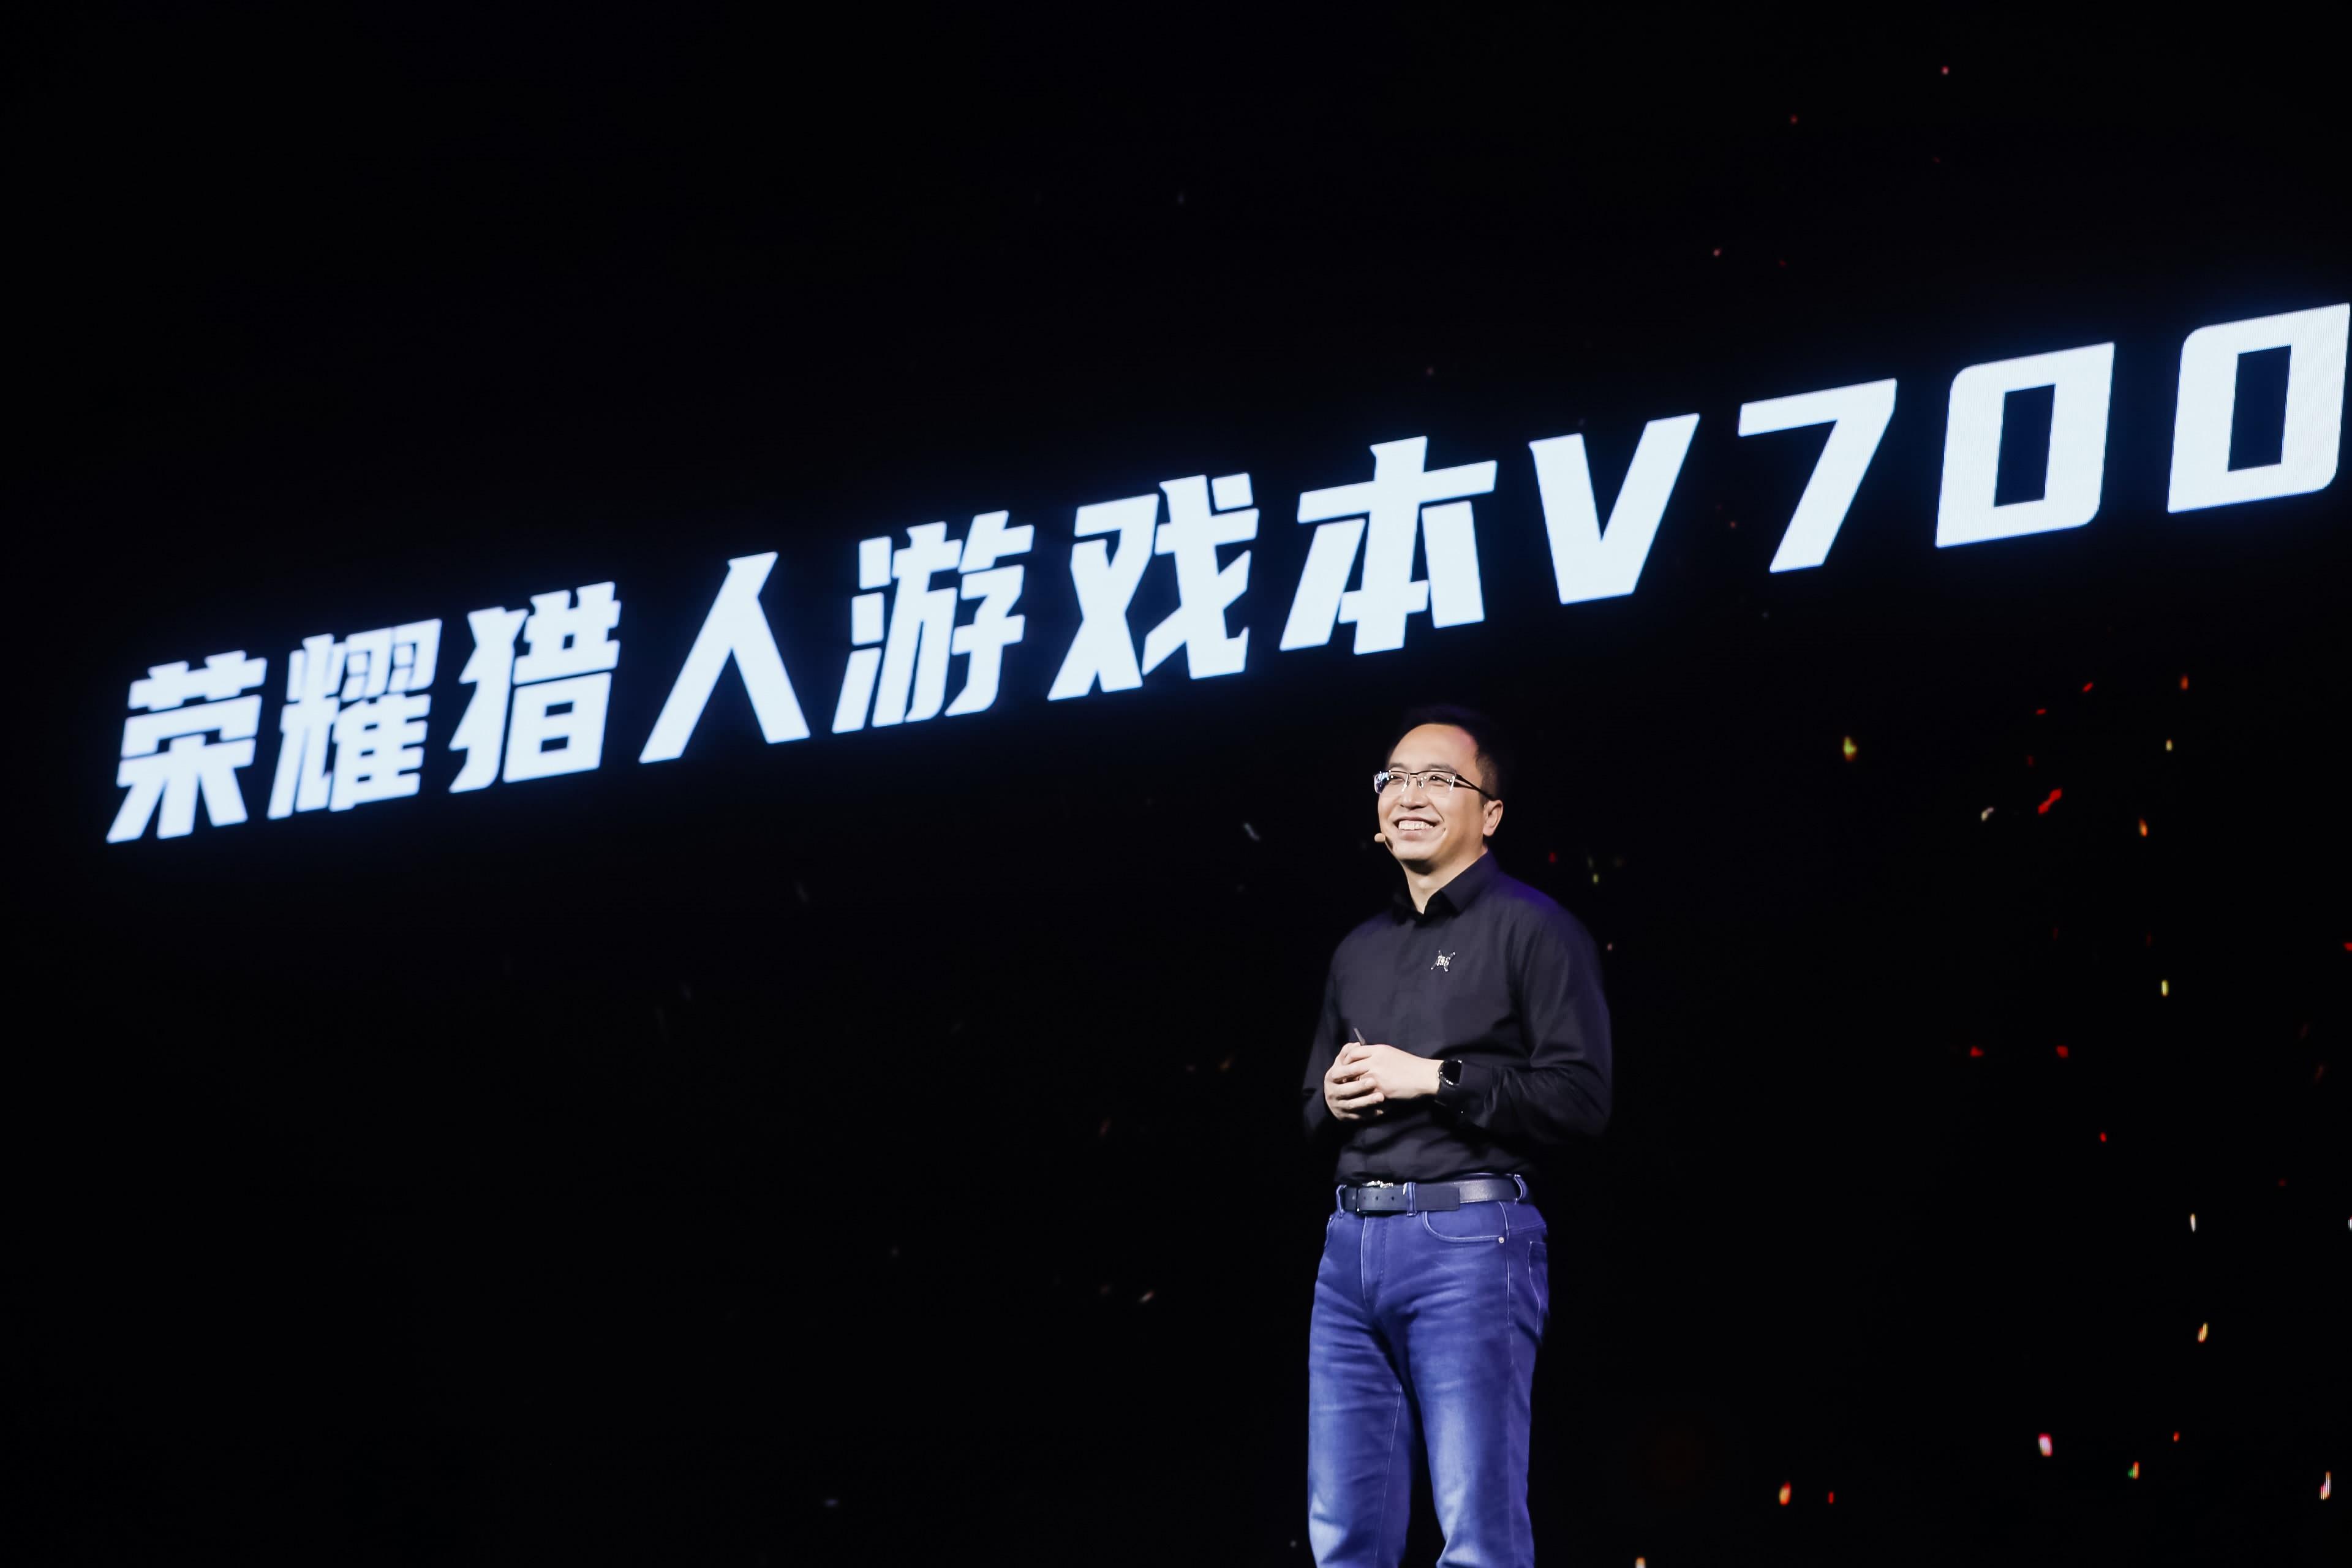 升降式风谷散热超强性能释放,荣耀猎人游戏本V700起售价仅7499!